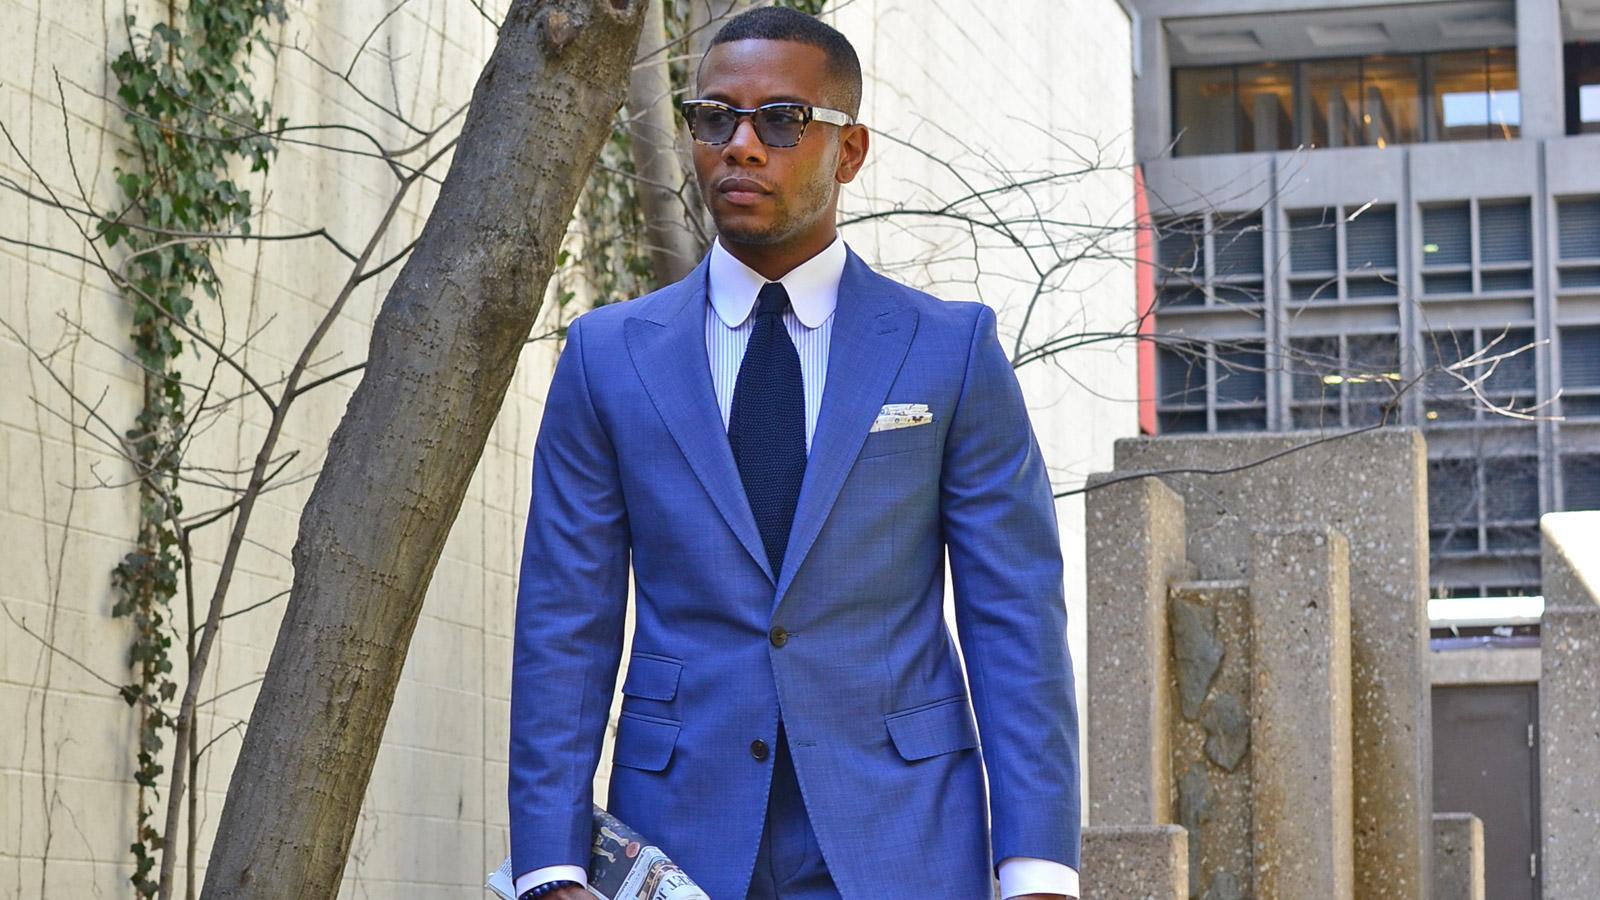 Men's Style Pro Sky Blue Suit - slider image 1